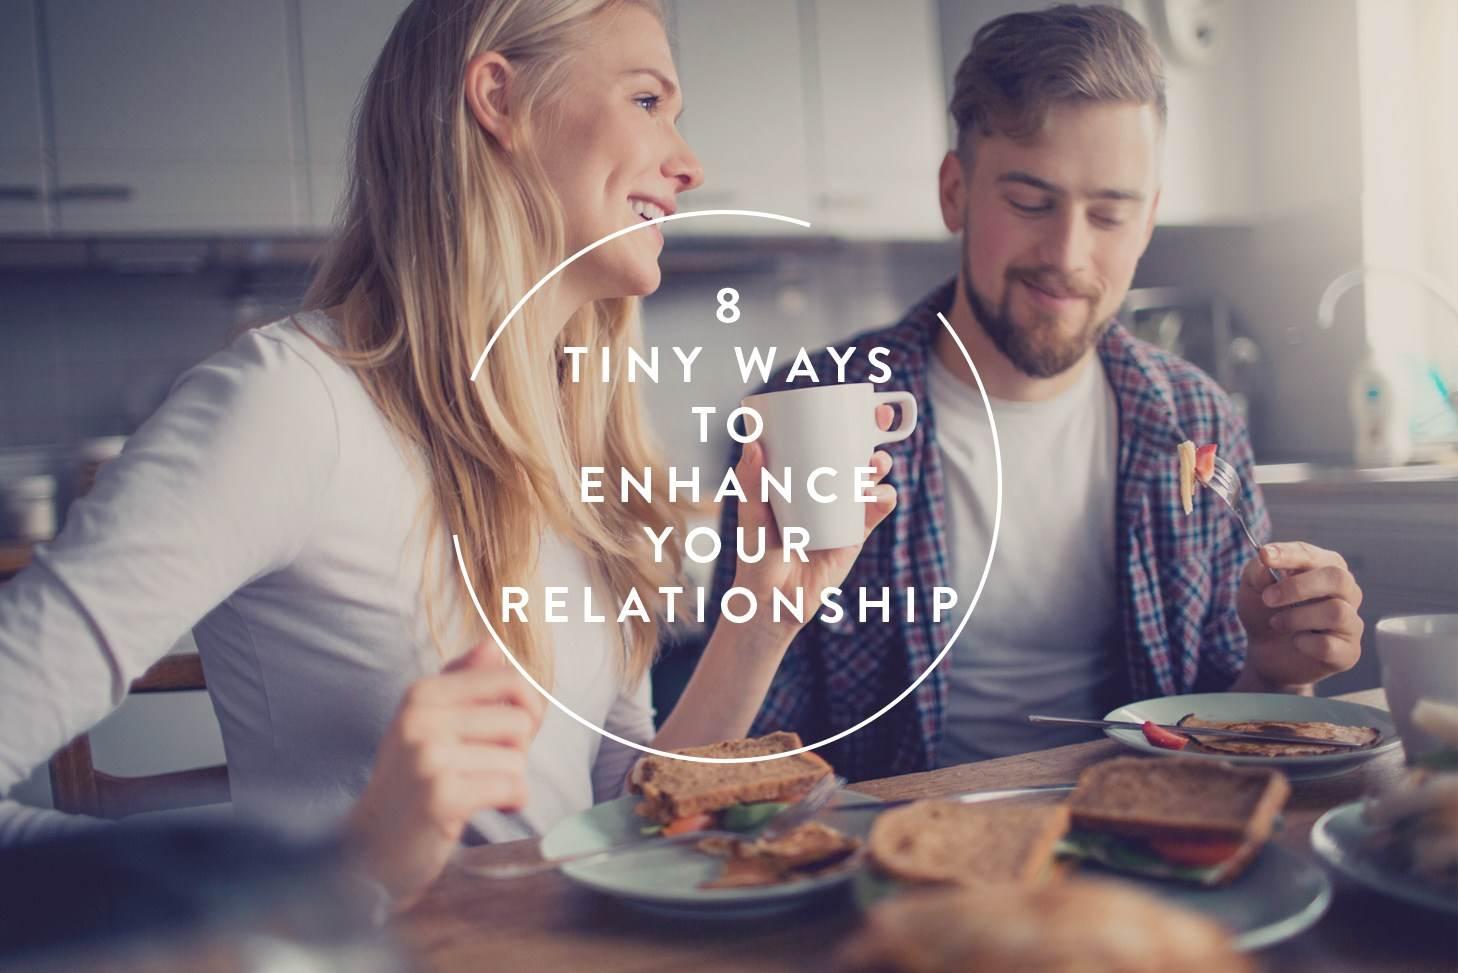 總是把「我愛你、謝謝」放在嘴邊!從幸福情侶那學來的8件小事,讓戀愛關係更穩固!